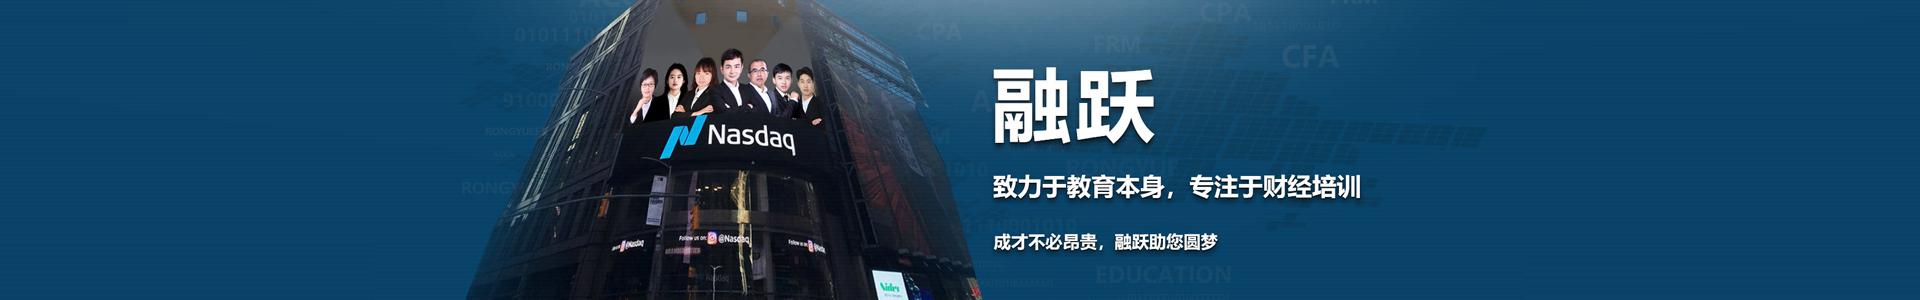 深圳融跃金融教育